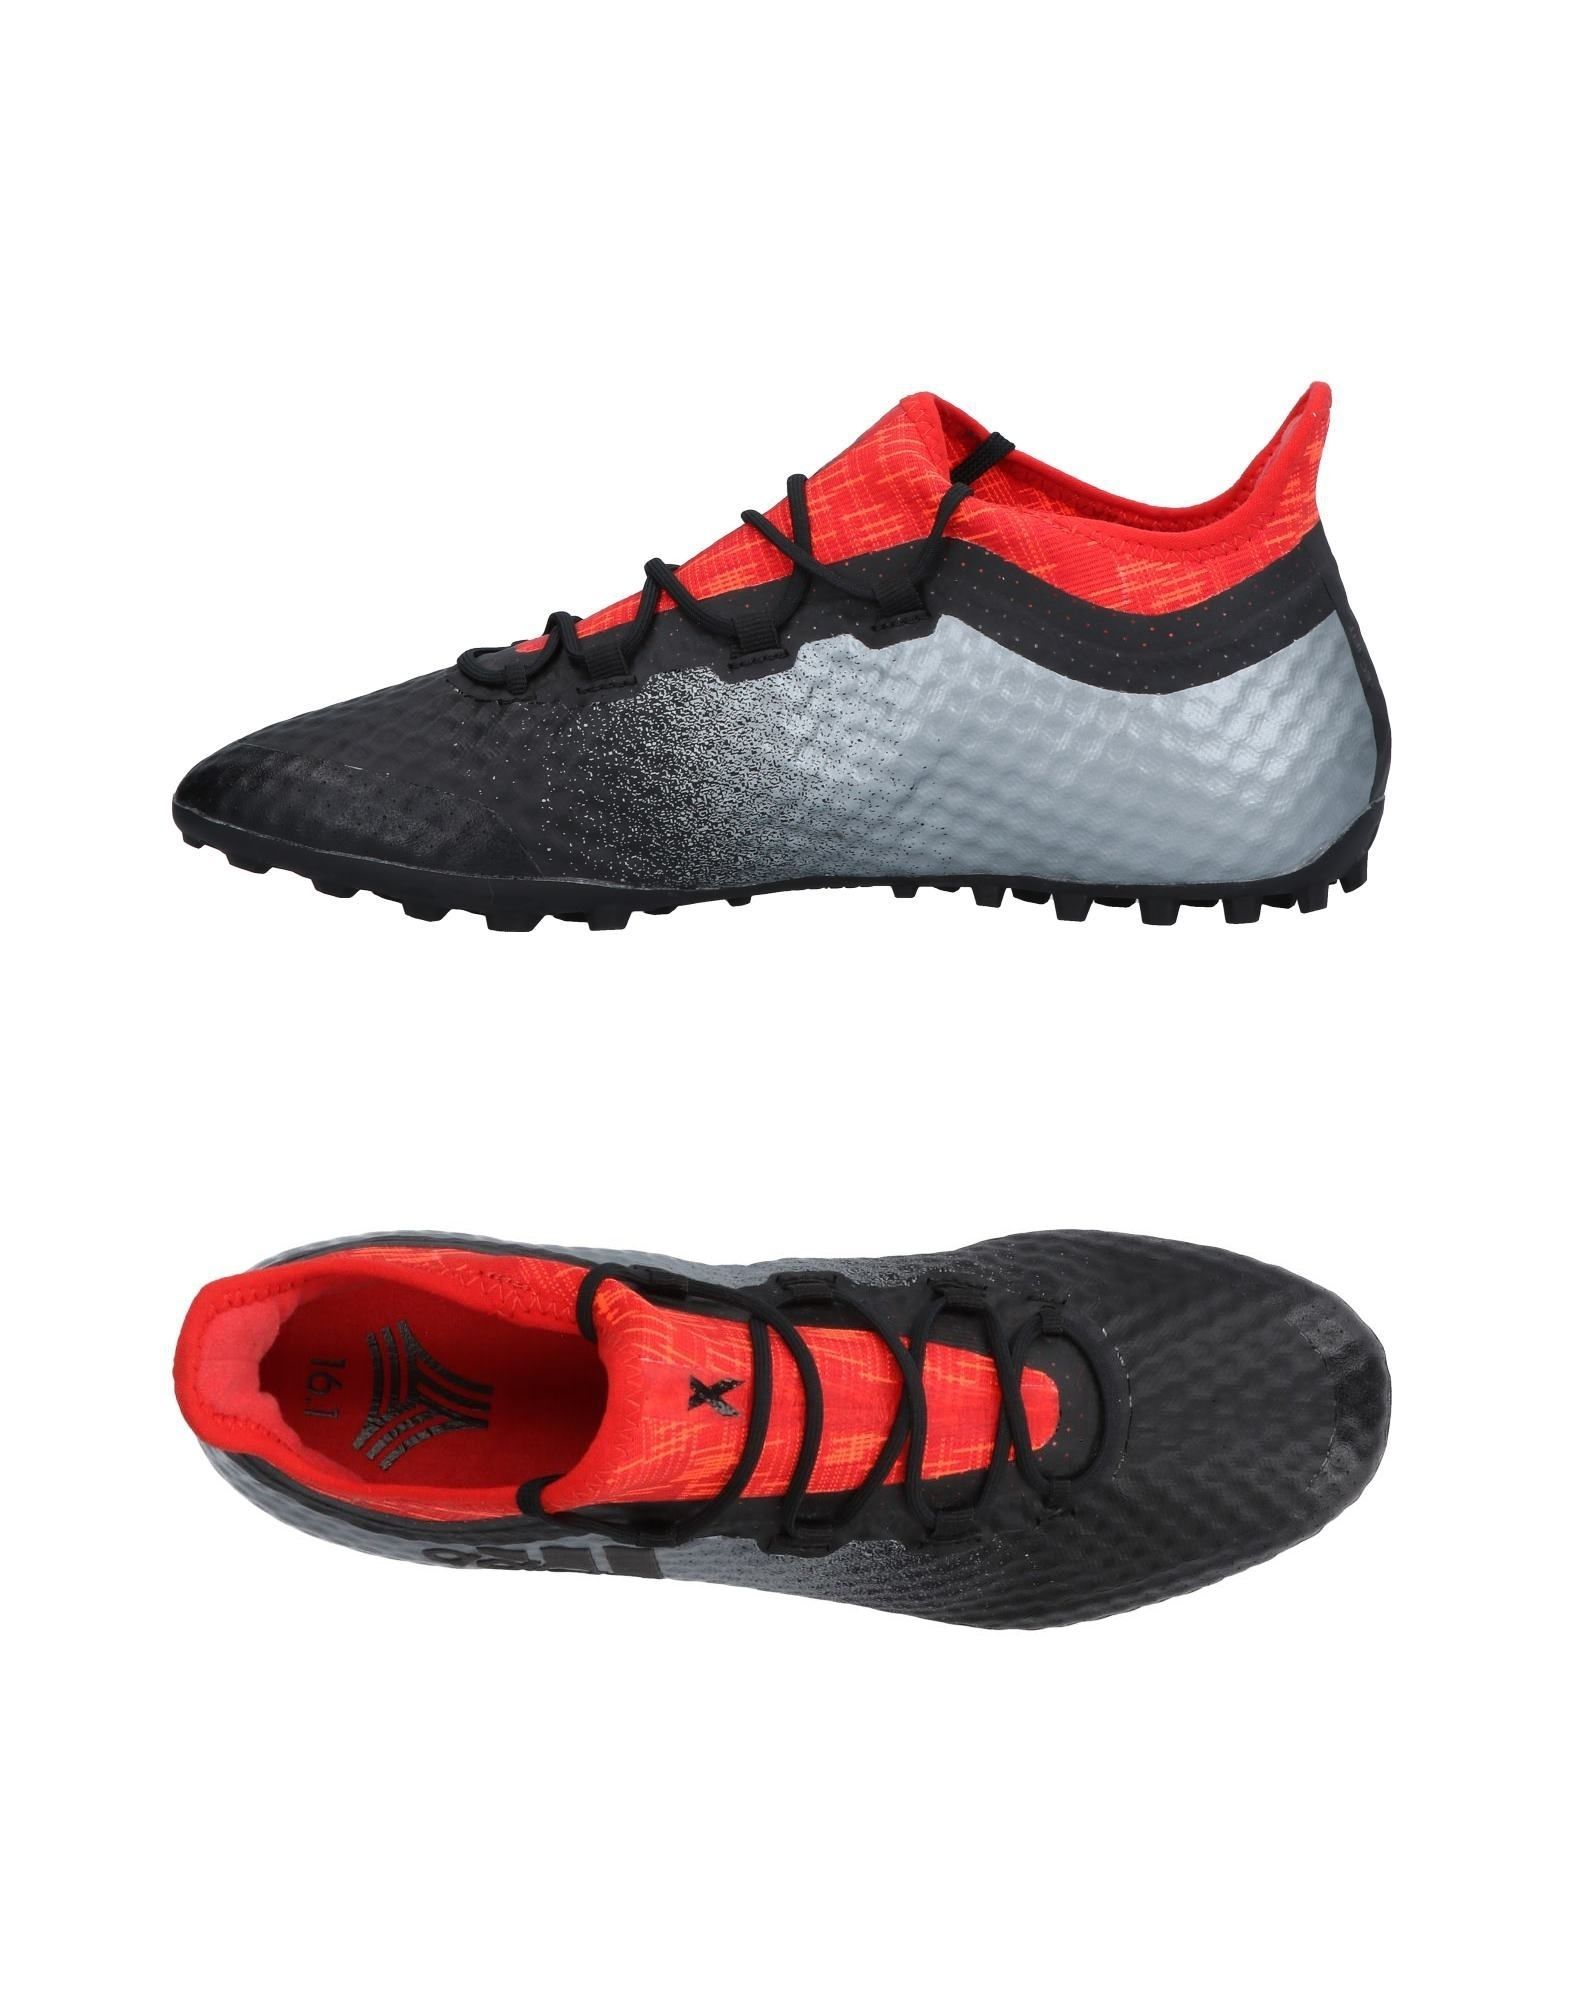 Moda Sneakers Sneakers Moda Adidas Uomo - 11482975VF 8a60ba